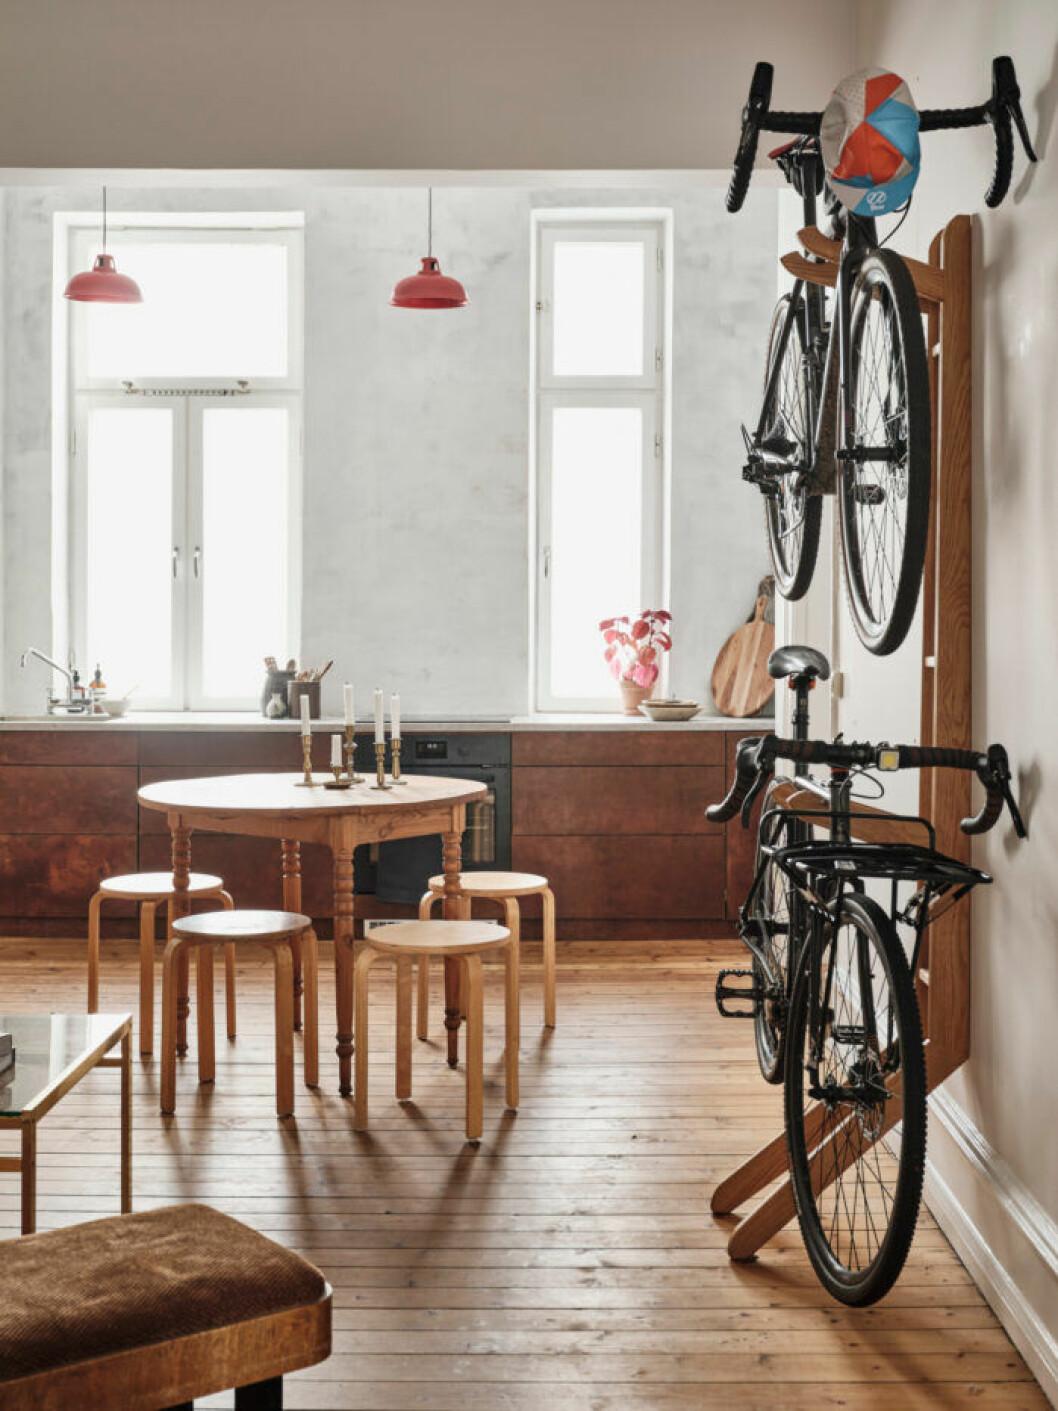 Sekelskifteslägenhet i Malmö, kök med röda taklampor